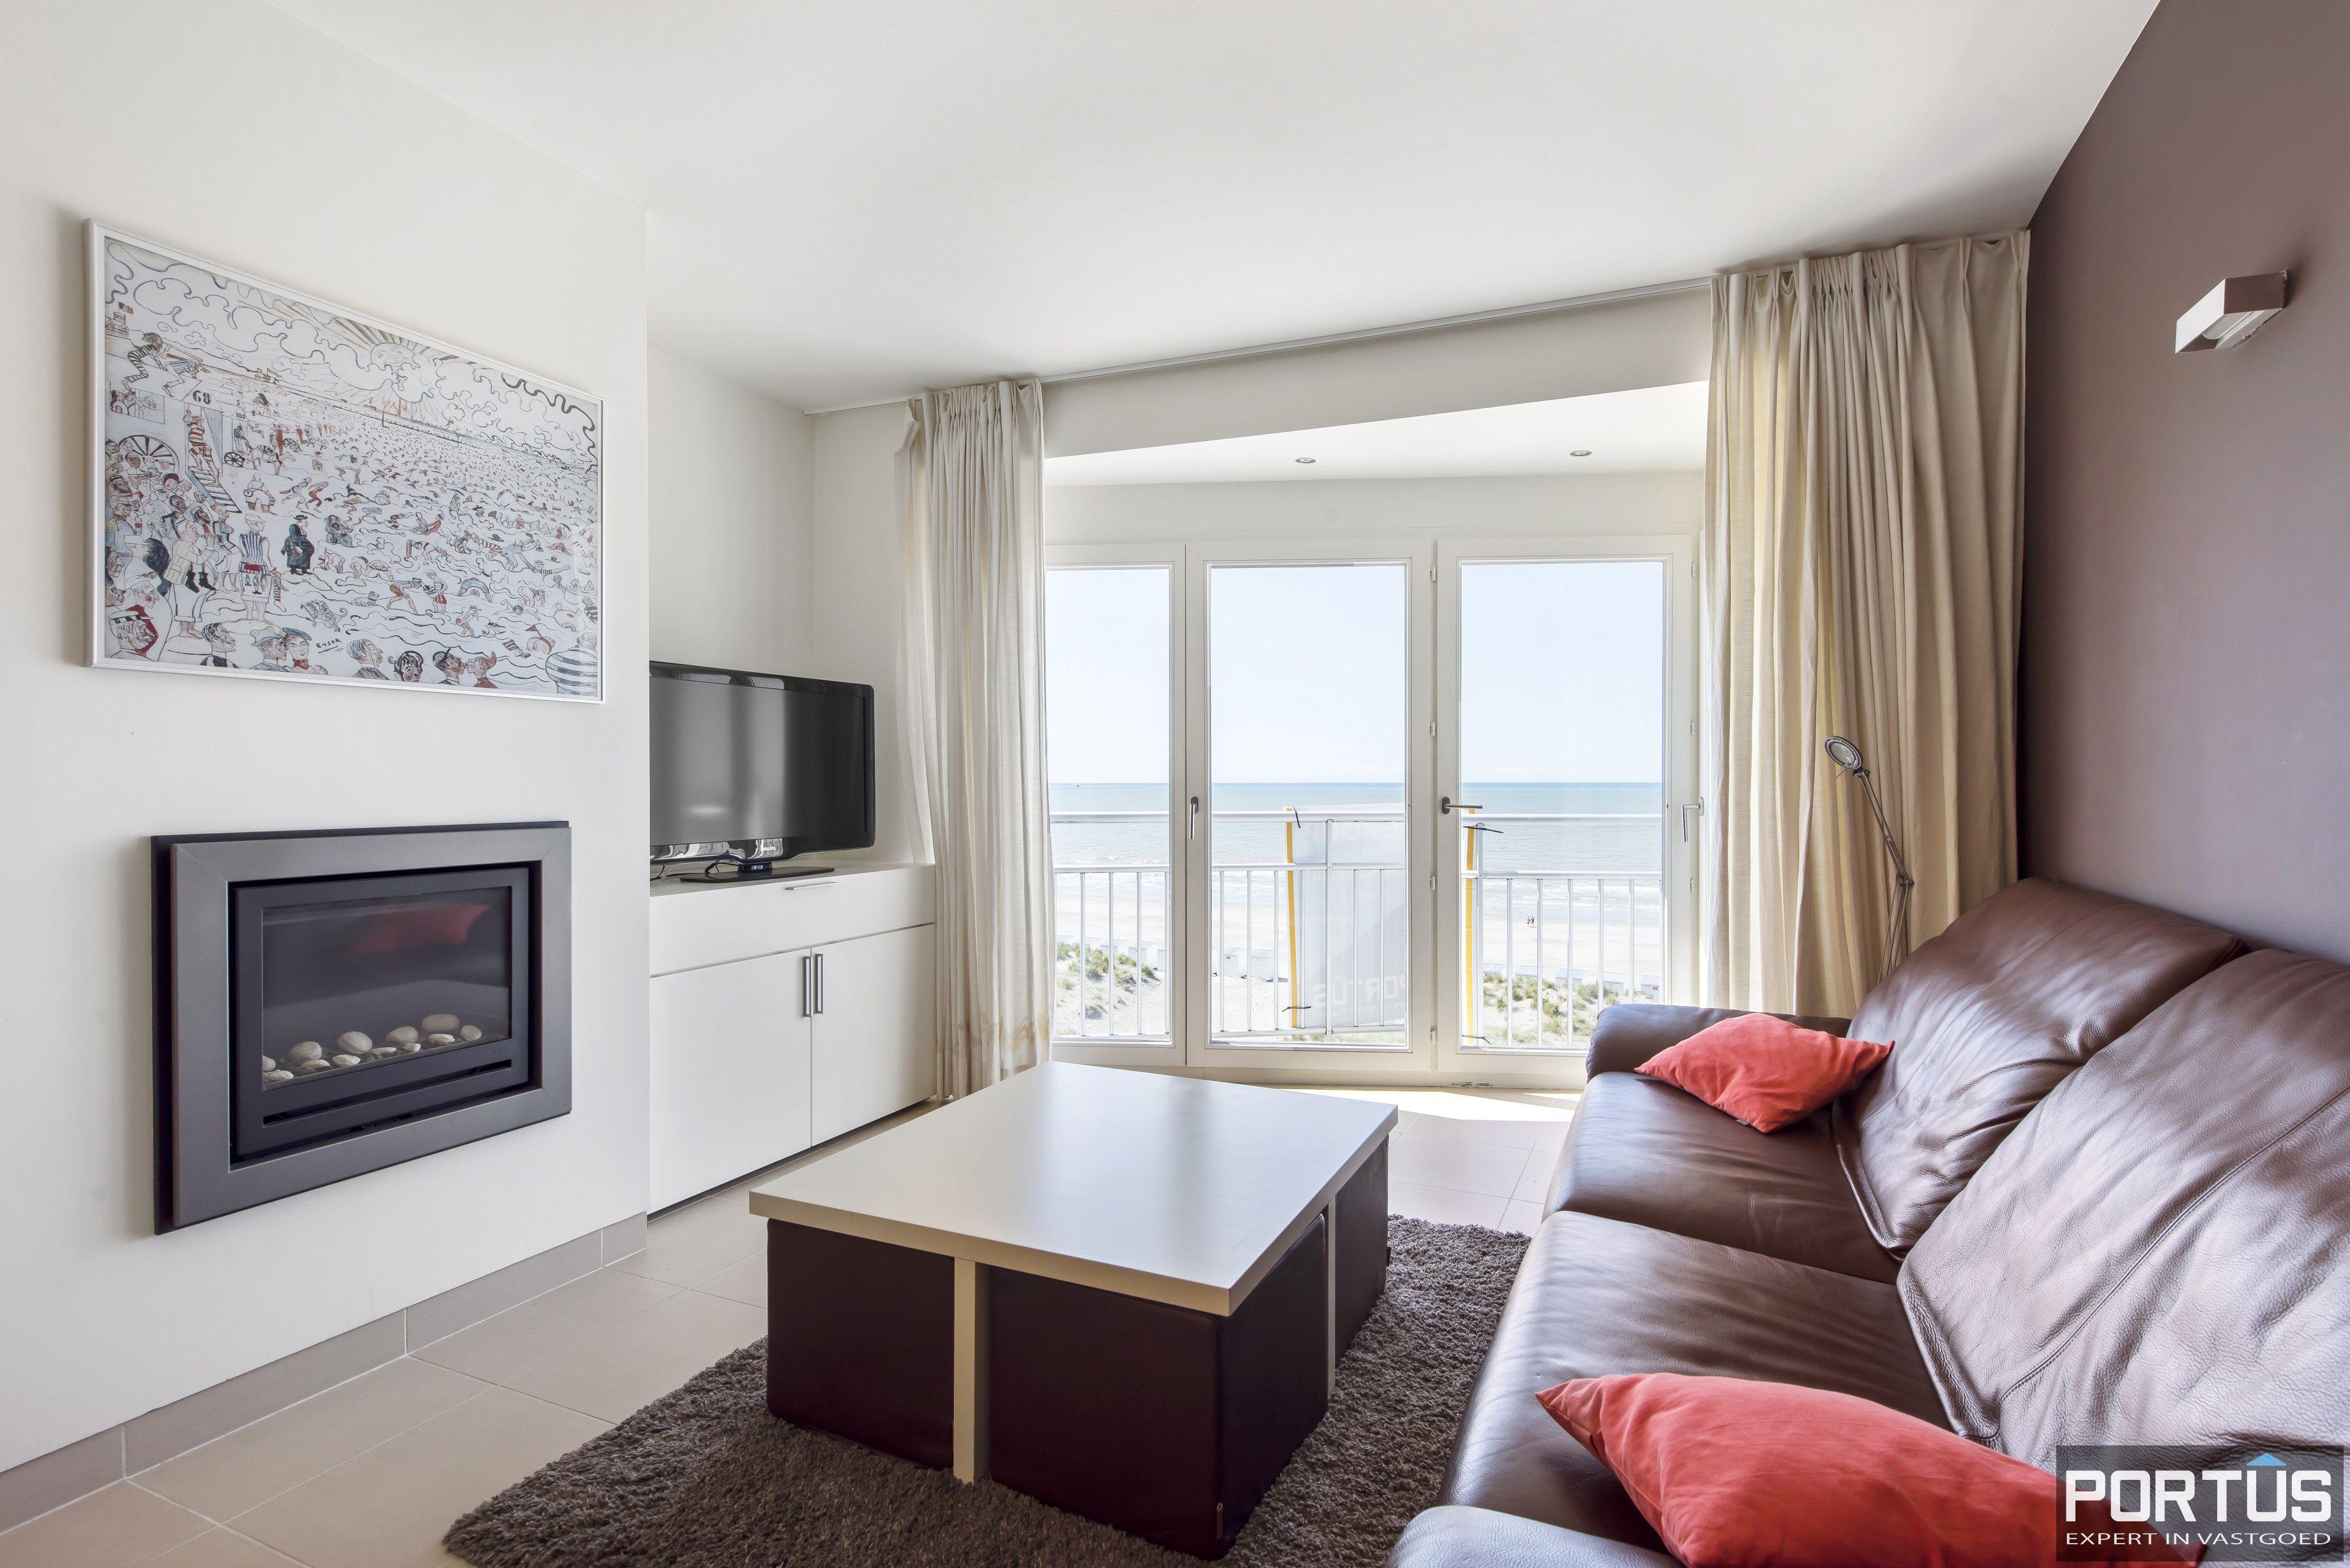 Appartement met 2 slaapkamers en frontaal zeezicht te koop Nieuwpoort - 9788